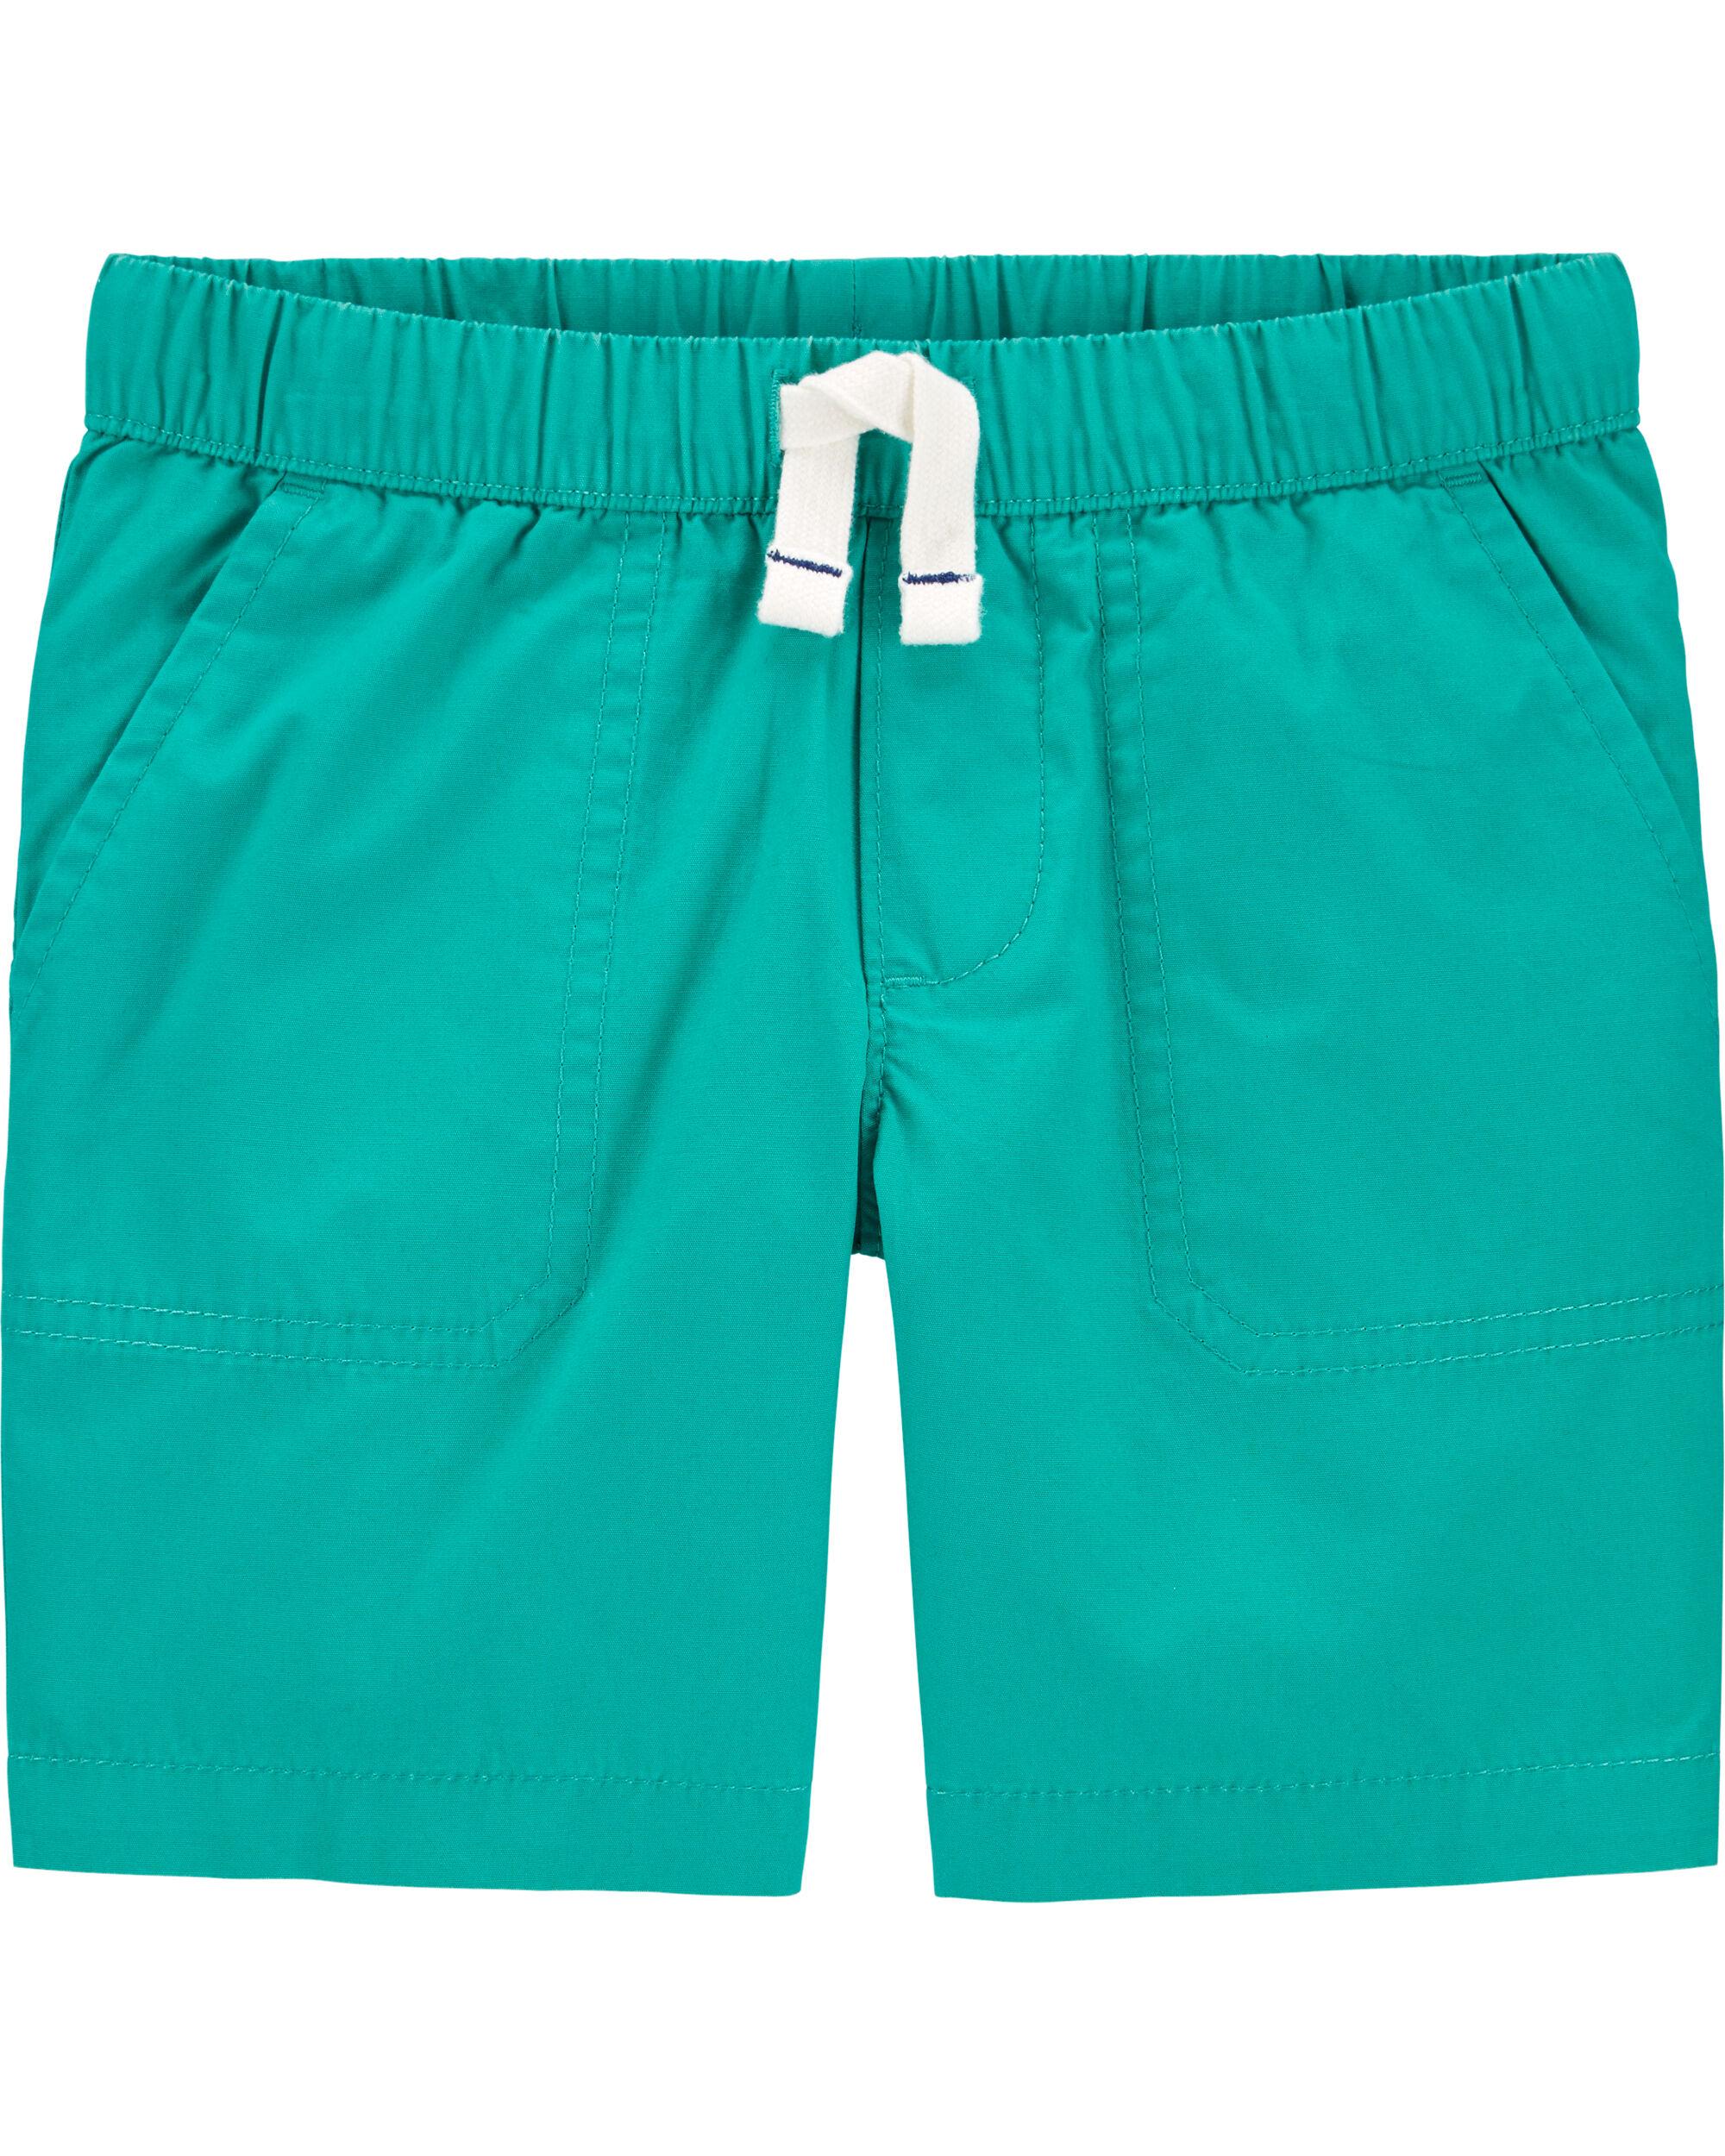 *DOORBUSTER* Pull-On Poplin Shorts